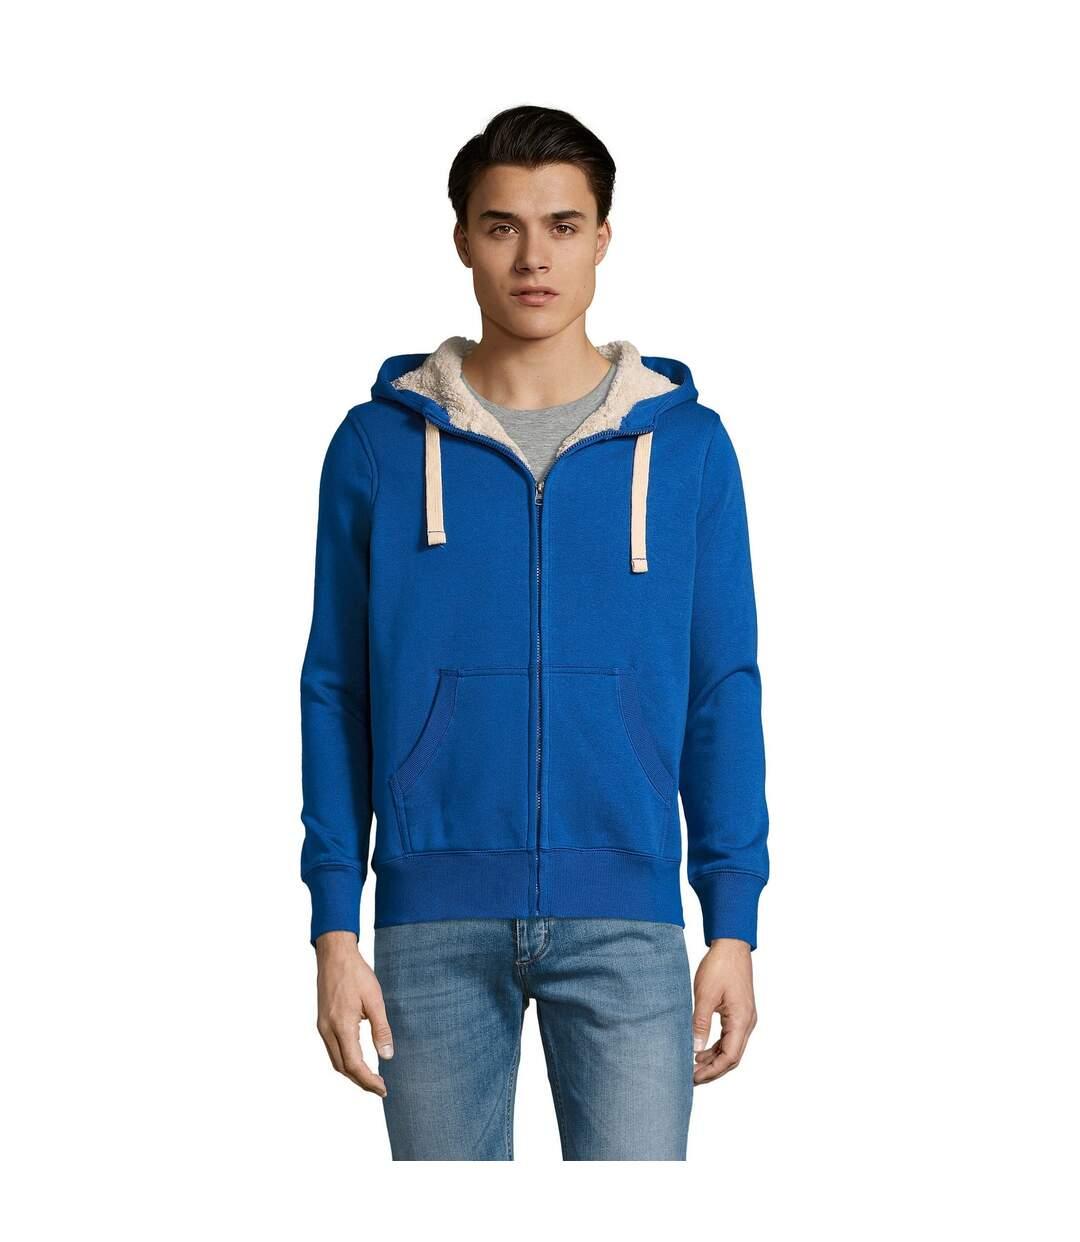 SOLS Sherpa Unisex Zip-Up Hooded Sweatshirt / Hoodie (Royal Blue) - UTPC512